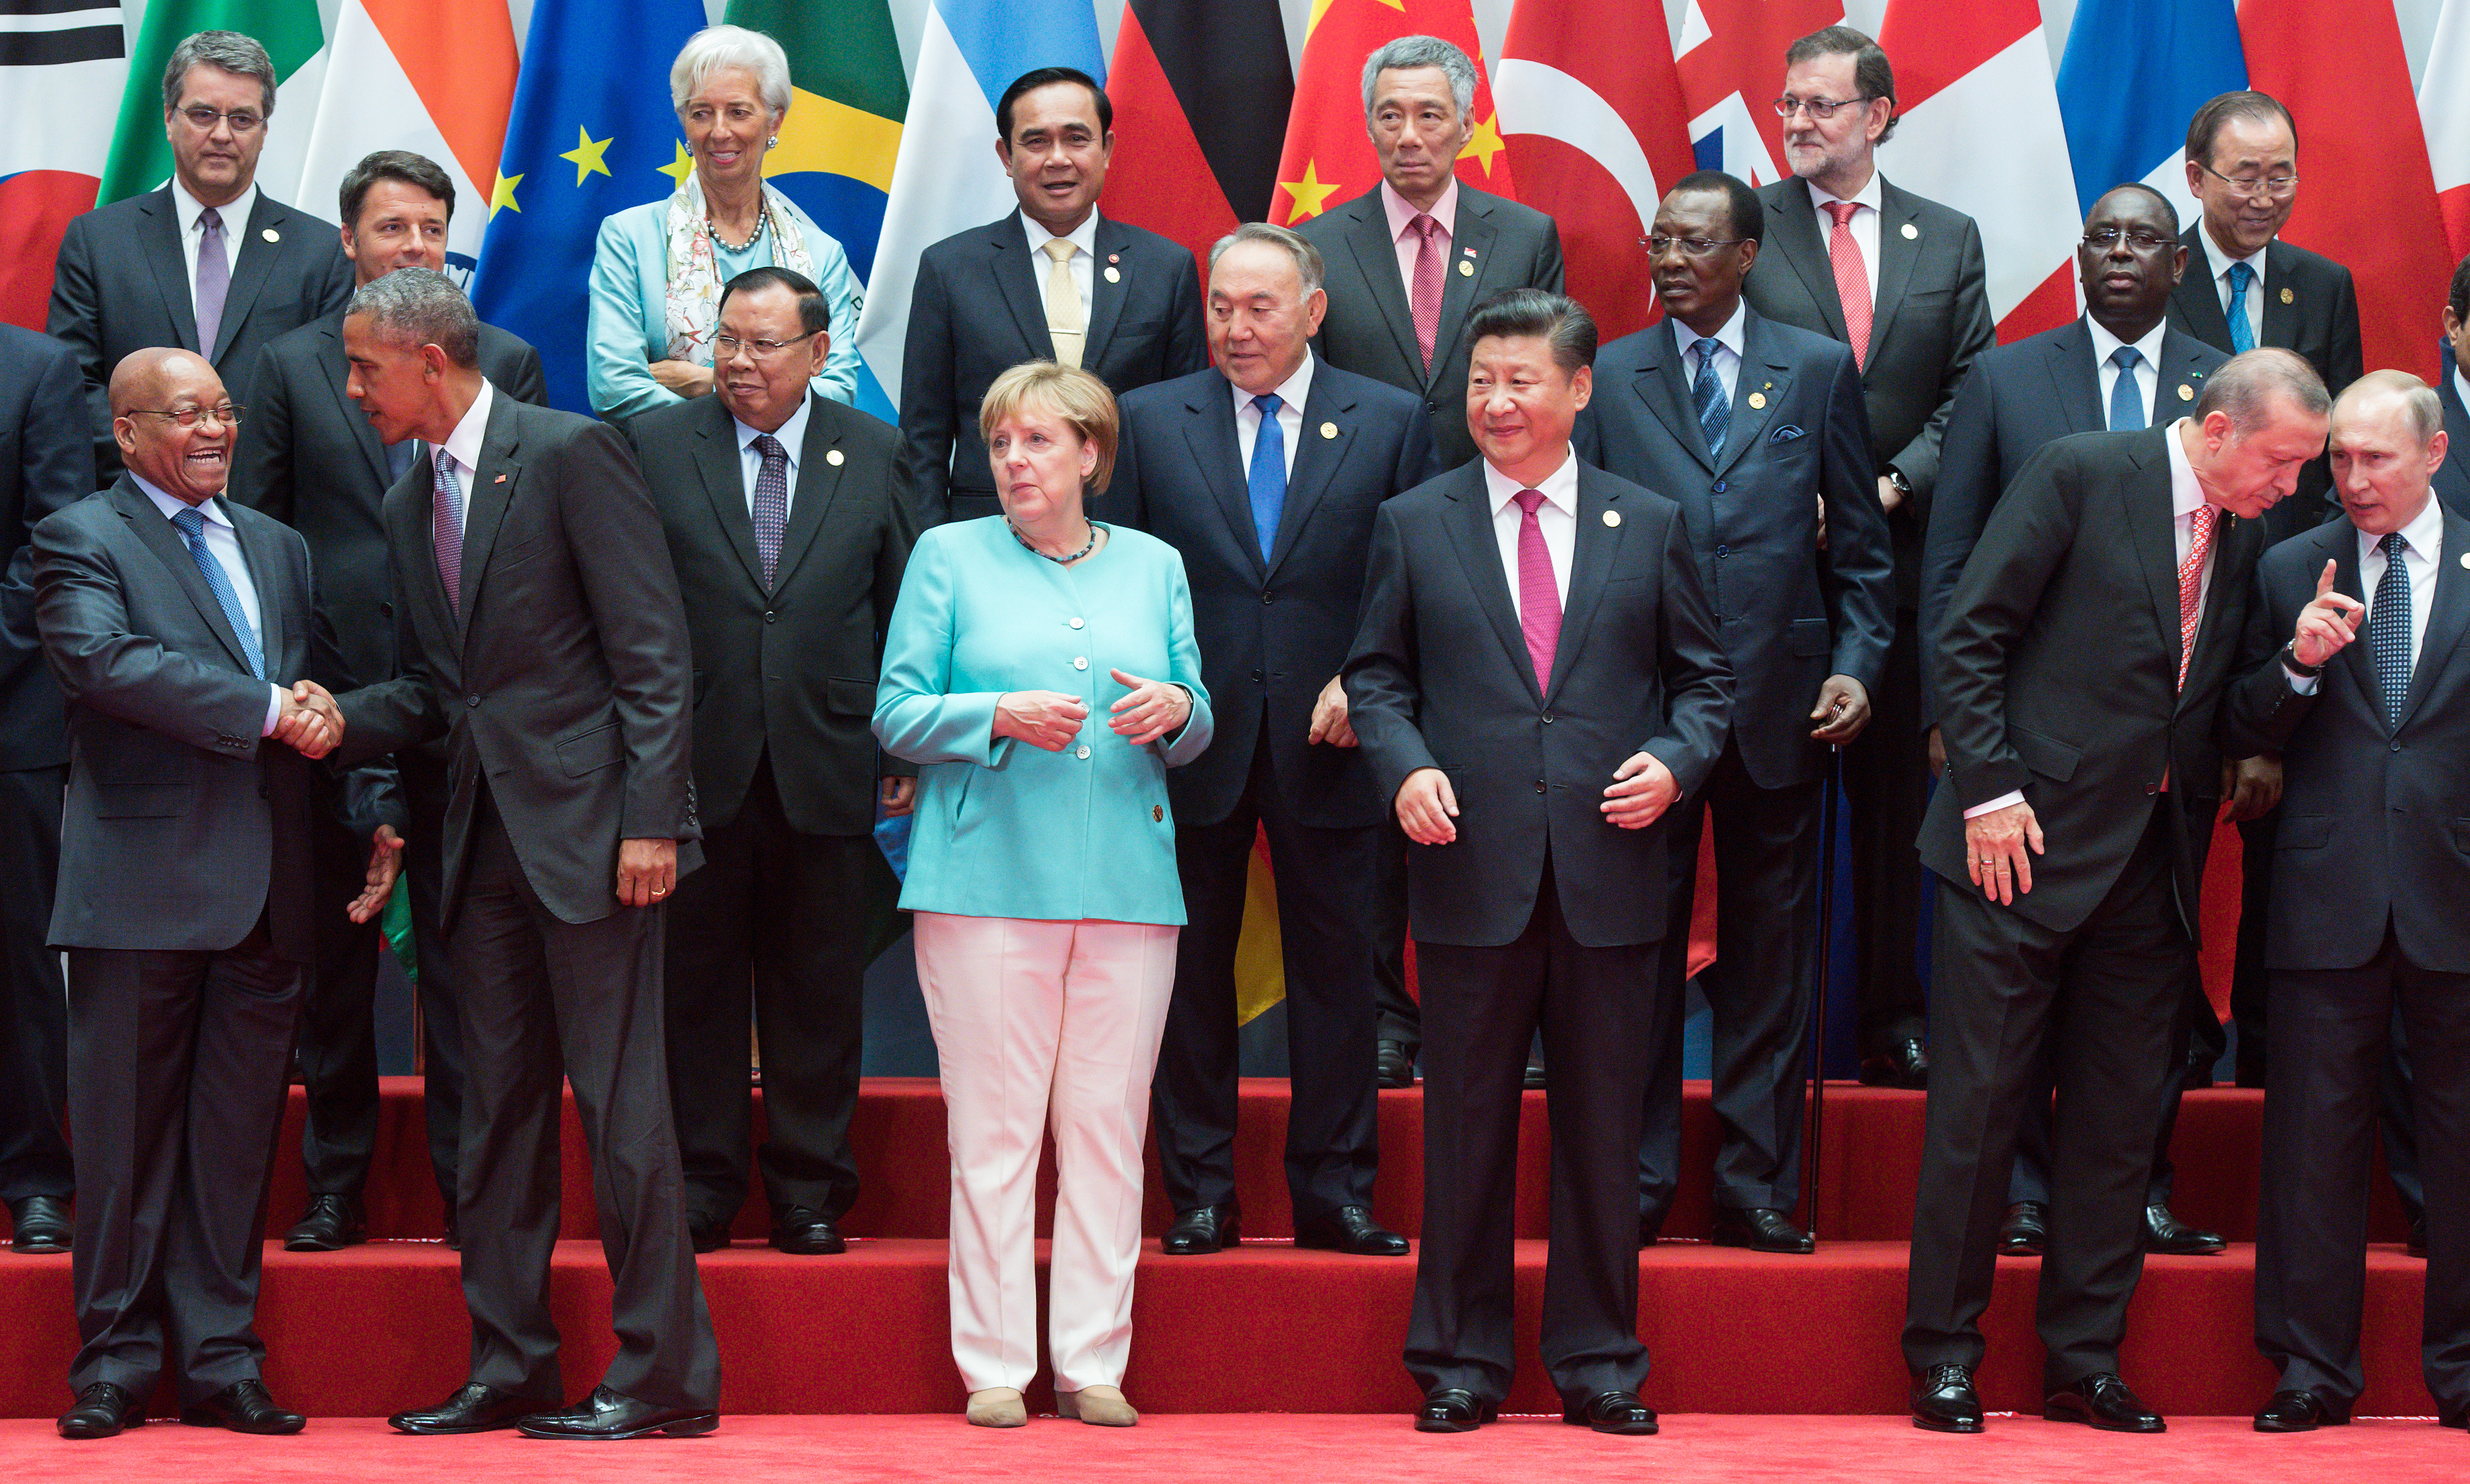 Pont akkora a káosz ezen a G20-as képen, mint a világban általában